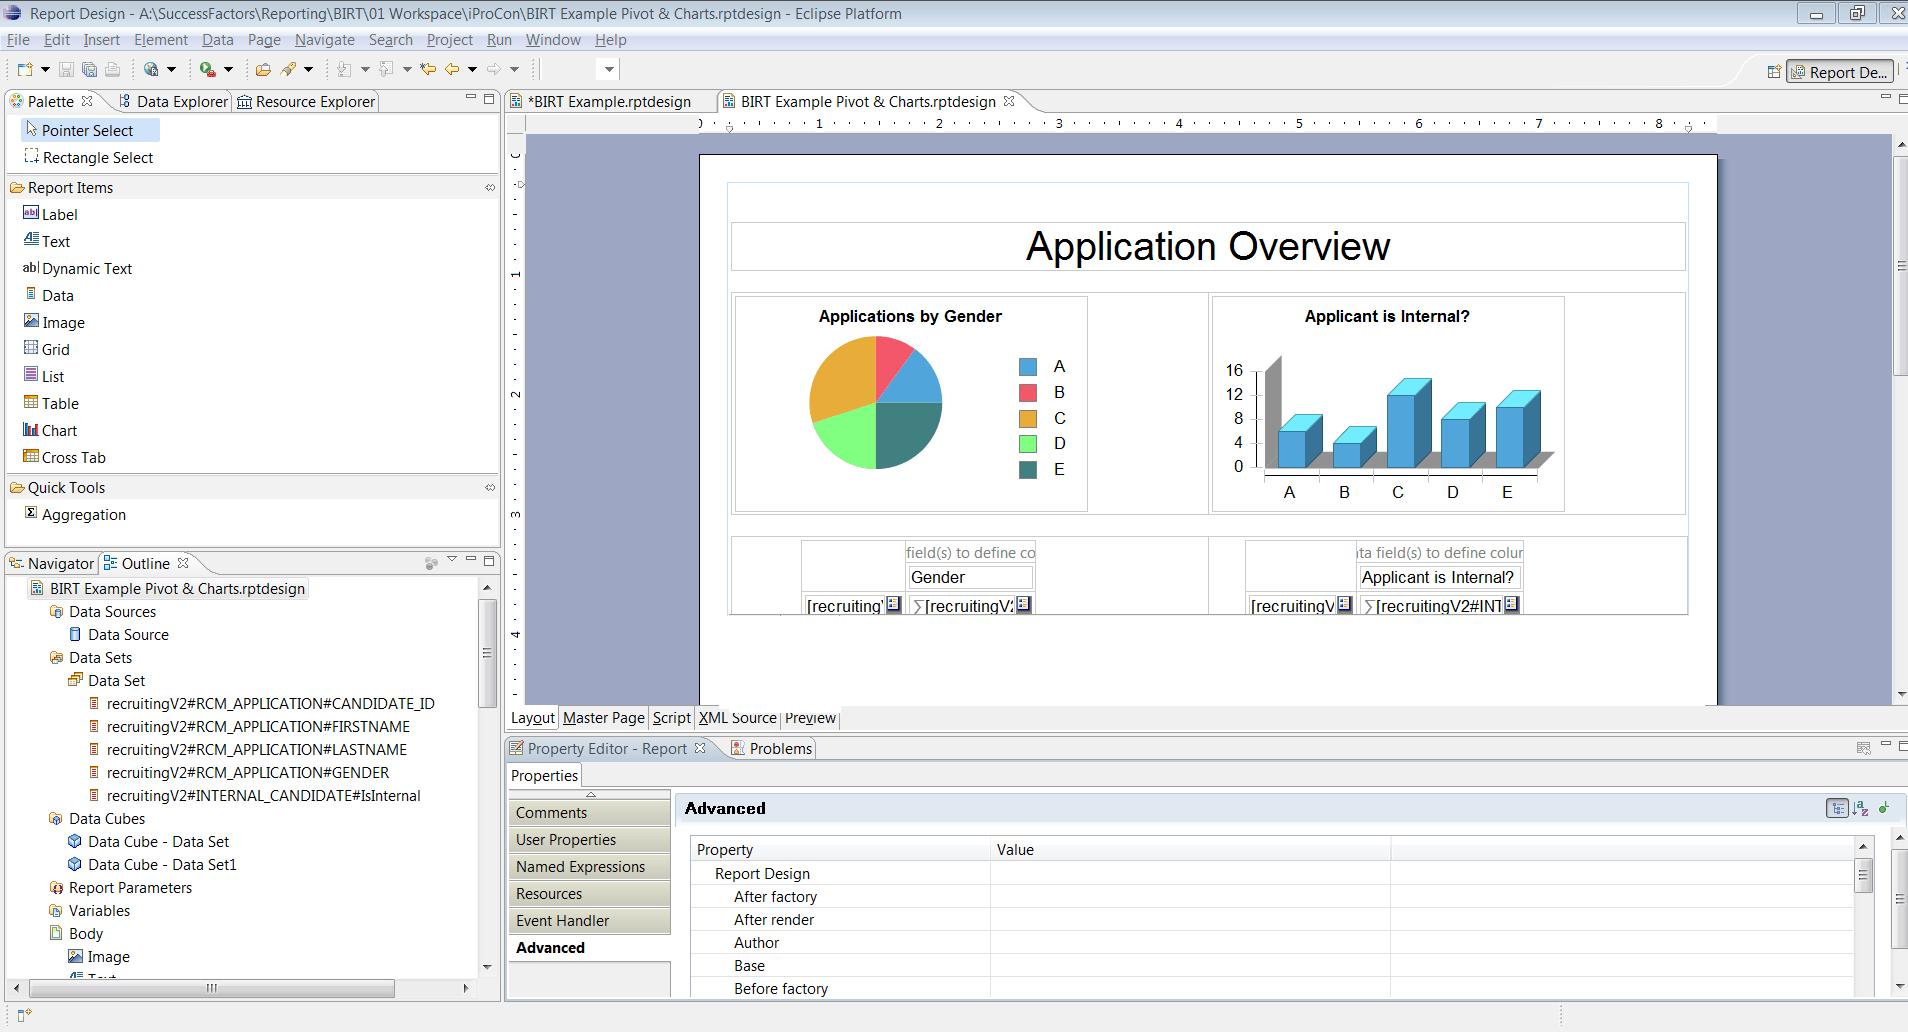 Birt Report Templates In Sap Successfactors – Part 3 - Ixerv With Regard To Birt Report Templates